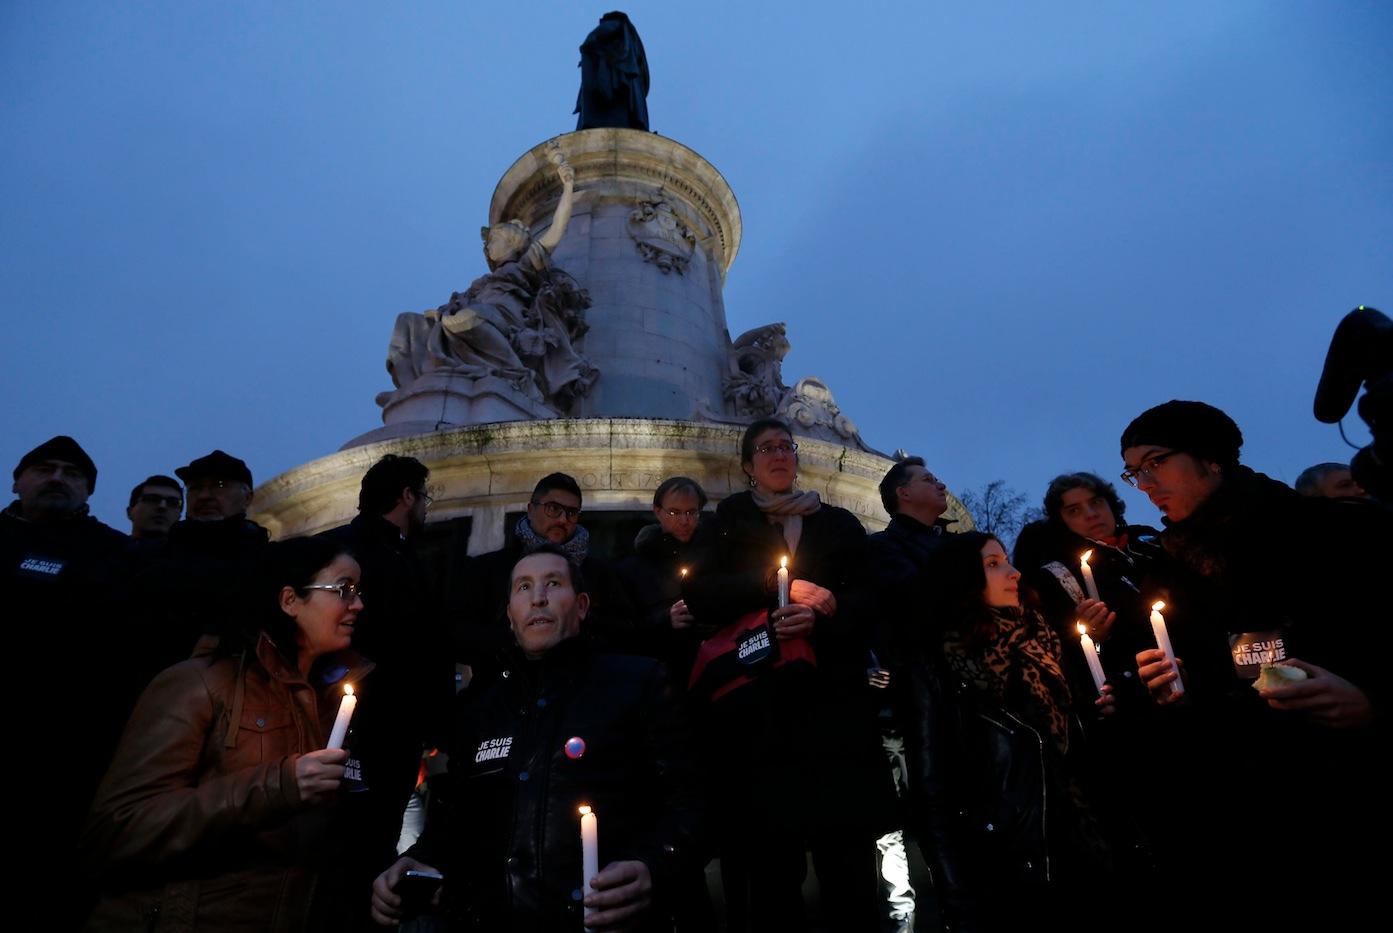 Miles de personas muestran su solidaridad con las víctimas./ REUTERS